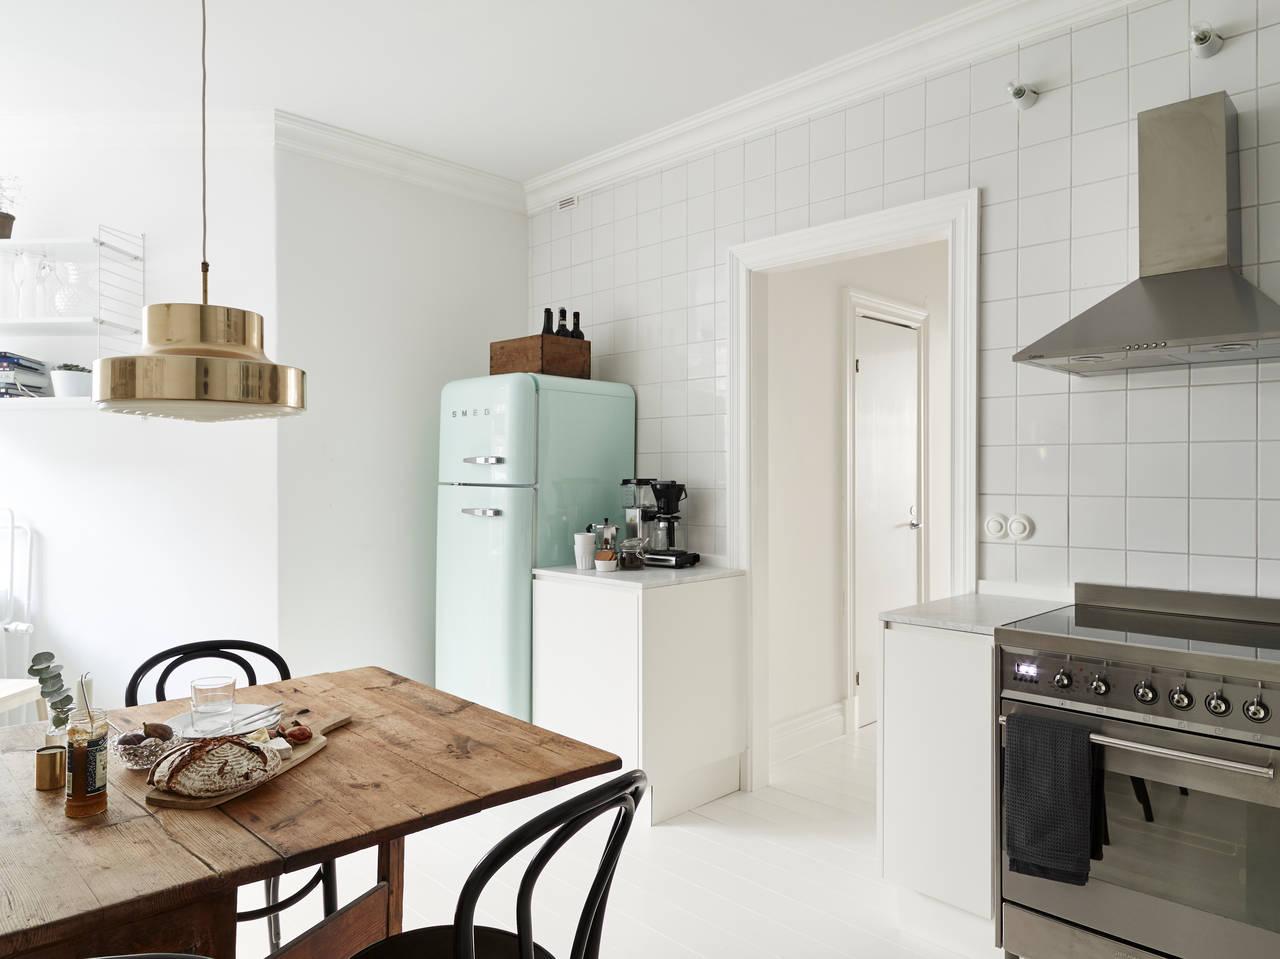 Keuken verbouwing voor de verkoop homease - Keuken volledige verkoop ...